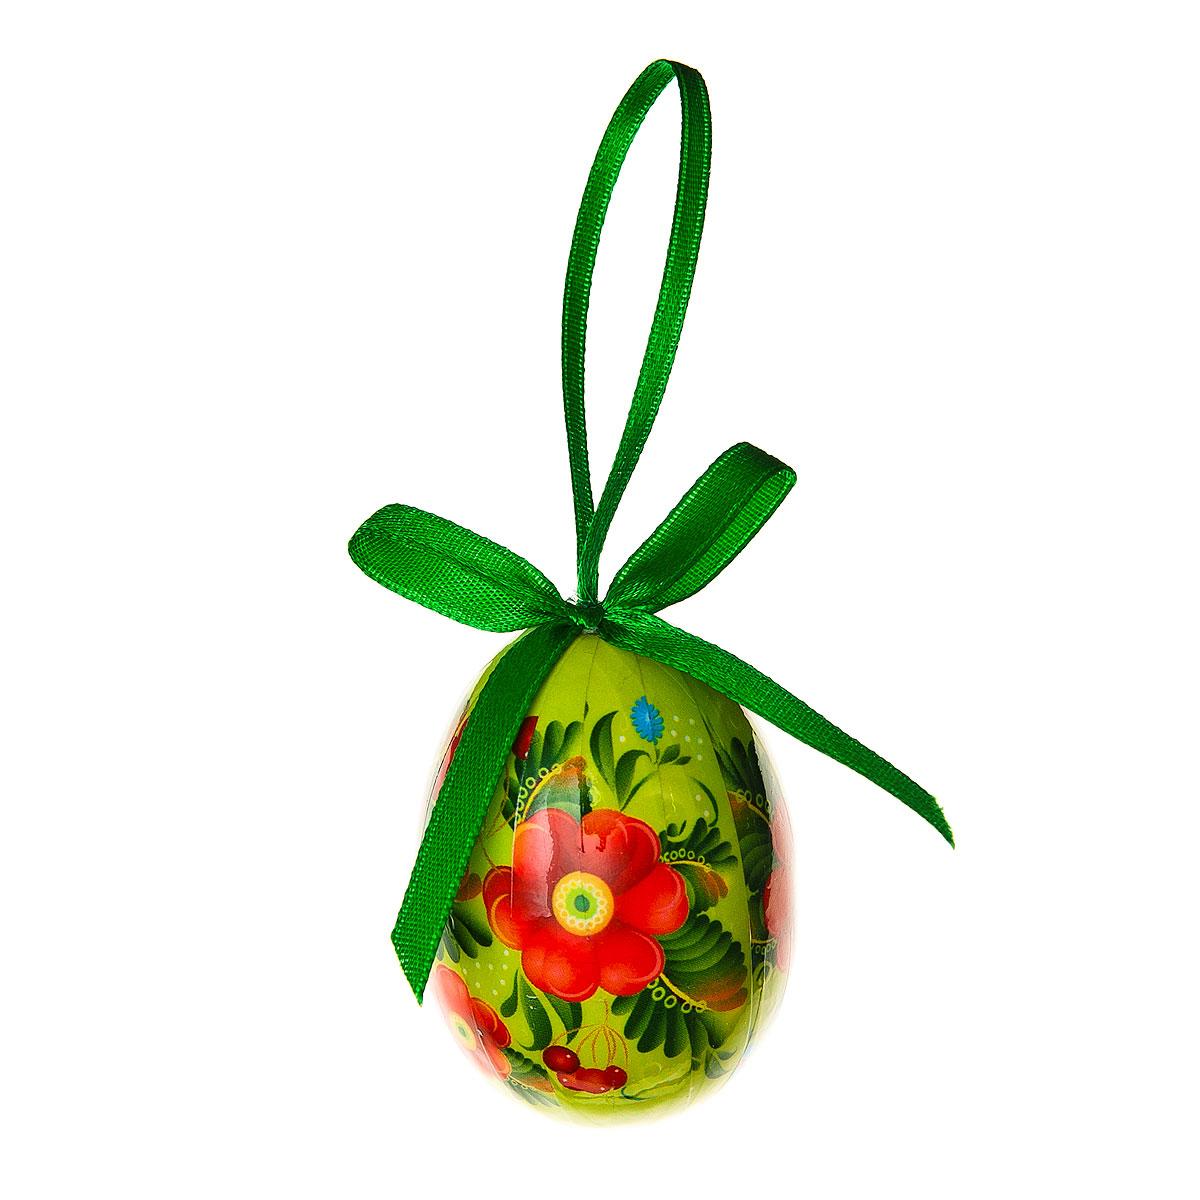 Декоративное подвесное украшение Home Queen Народная роспись, цвет: зеленый66755_2Подвесное украшение Home Queen Народная роспись, выполненное в форме яйца, изготовлено из пластика и декорировано цветочным орнаментом. Изделие оснащено петелькой для подвешивания.Такое украшение прекрасно оформит интерьер дома или станет замечательным подарком для друзей и близких на Пасху. Размер яйца: 4 см х 4 см х 6 см.